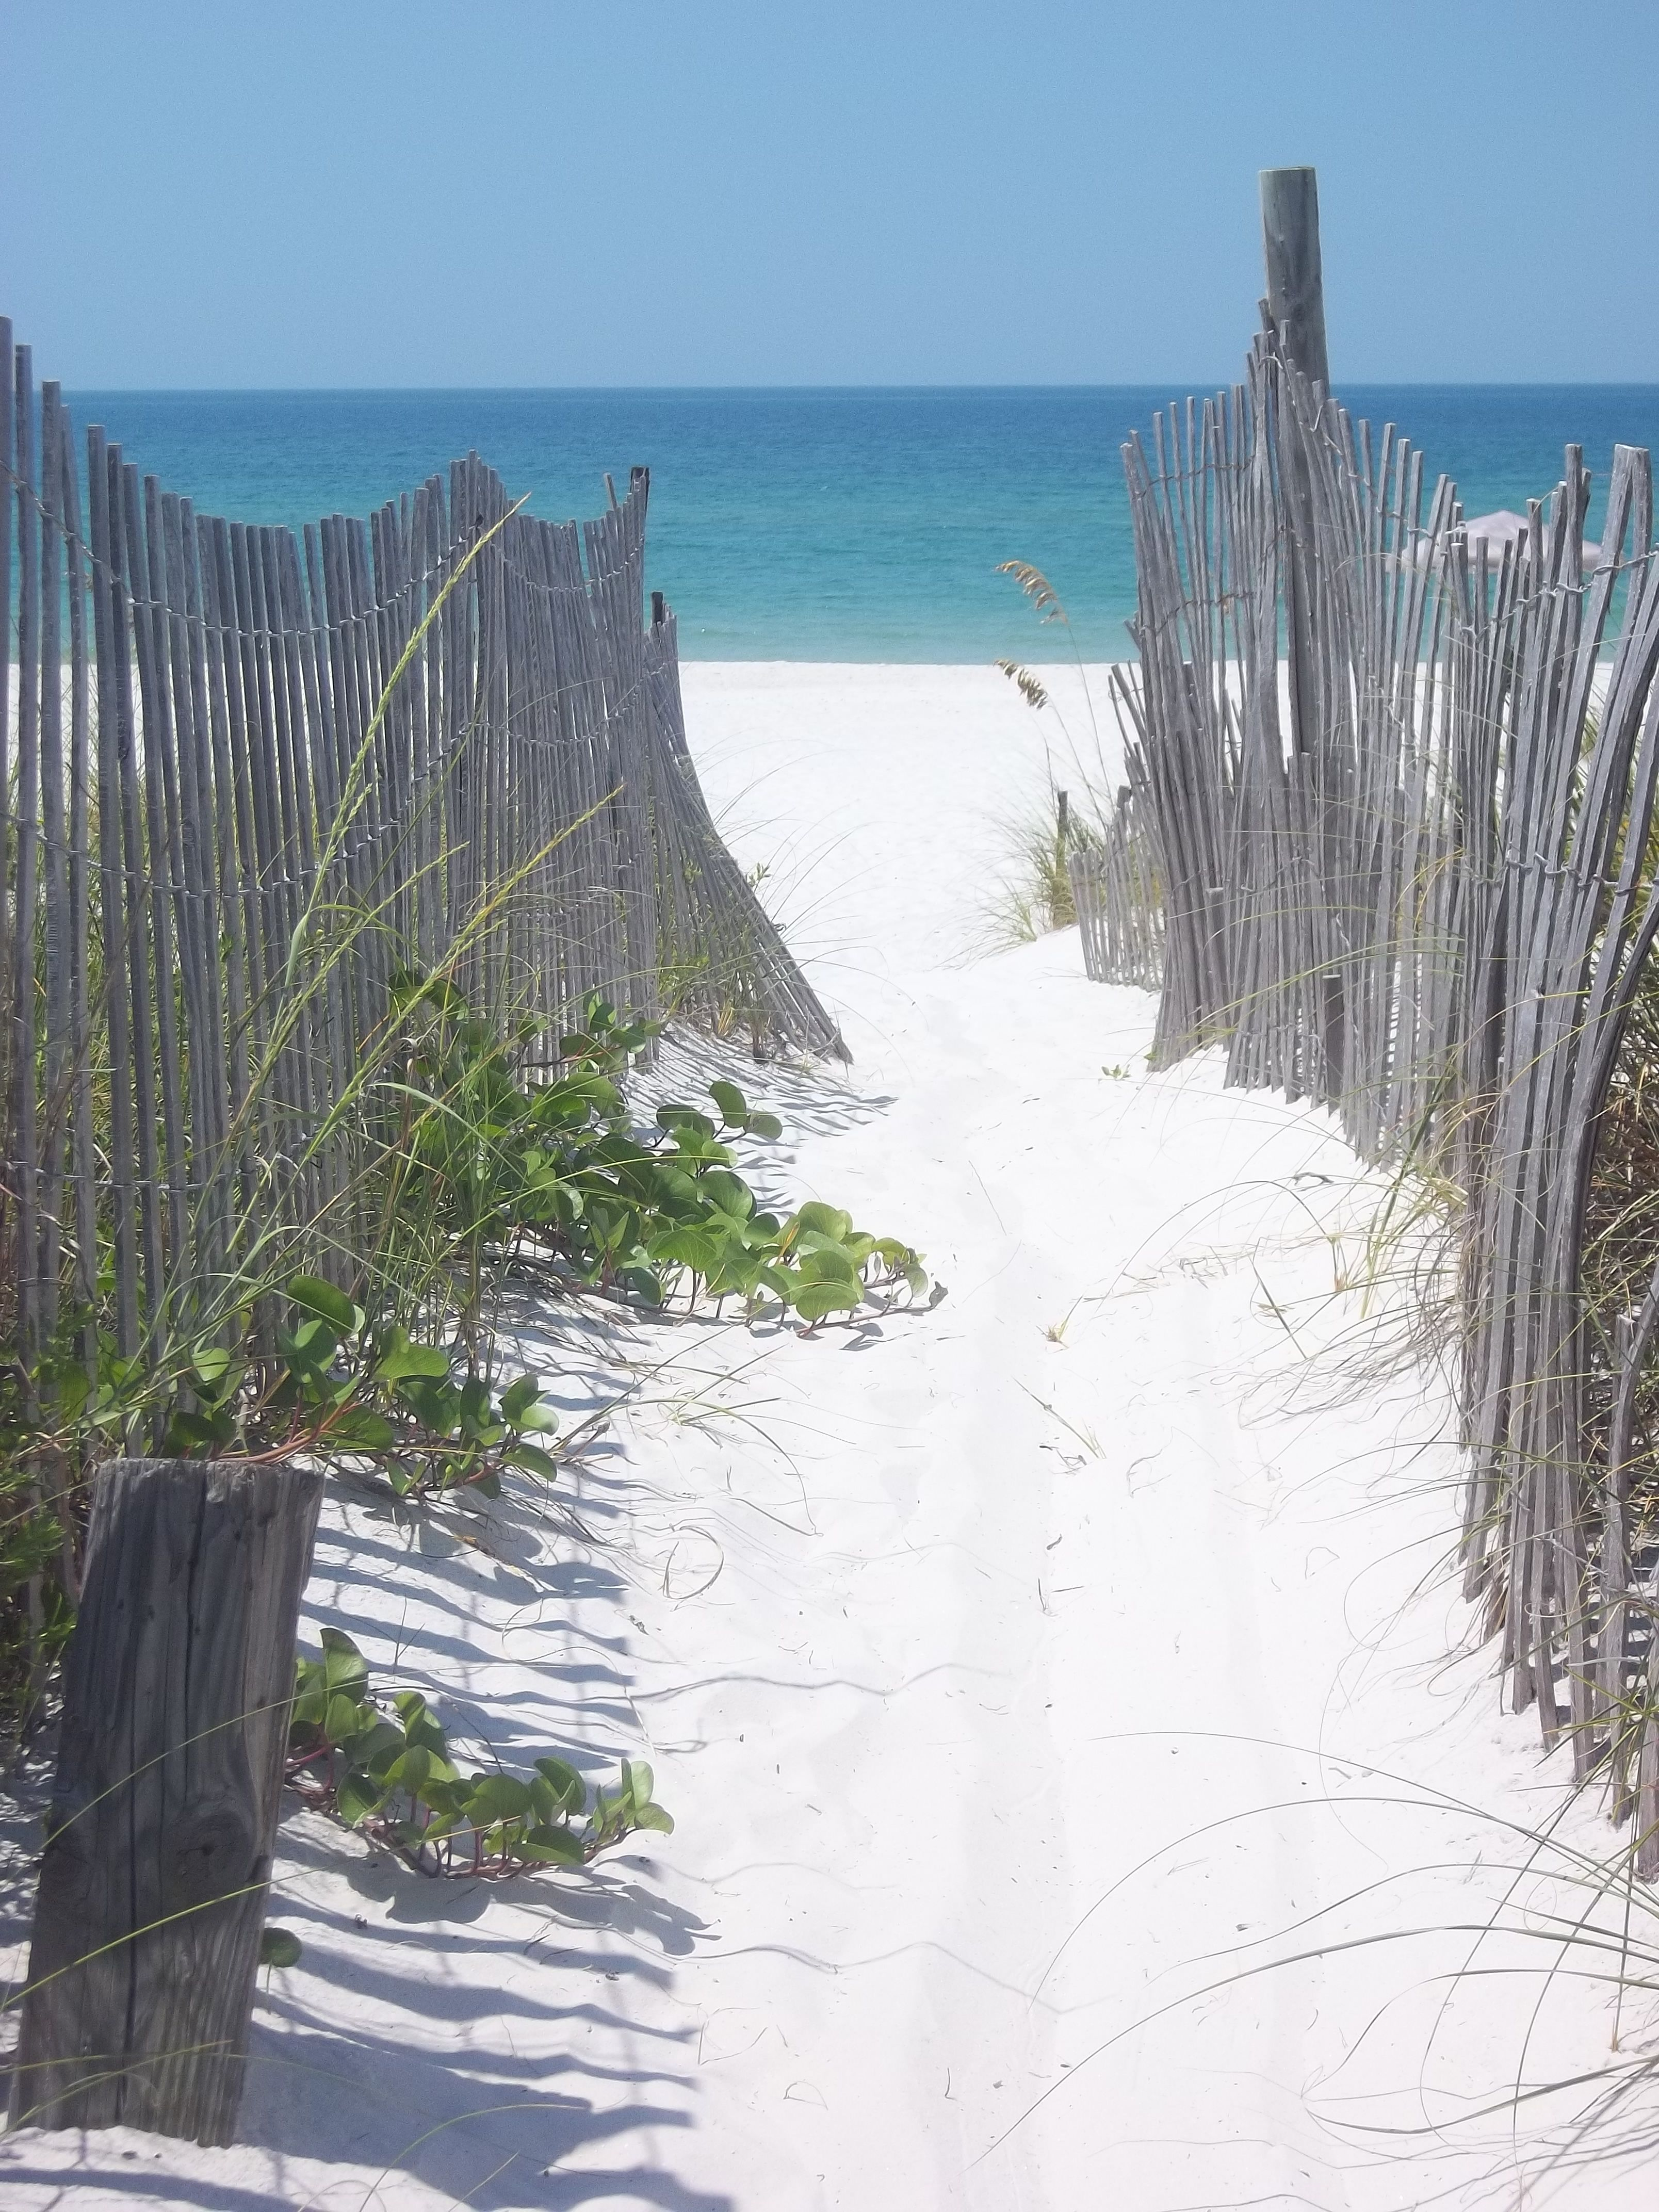 Floridas best kept secret Cape San Blas FL photo by